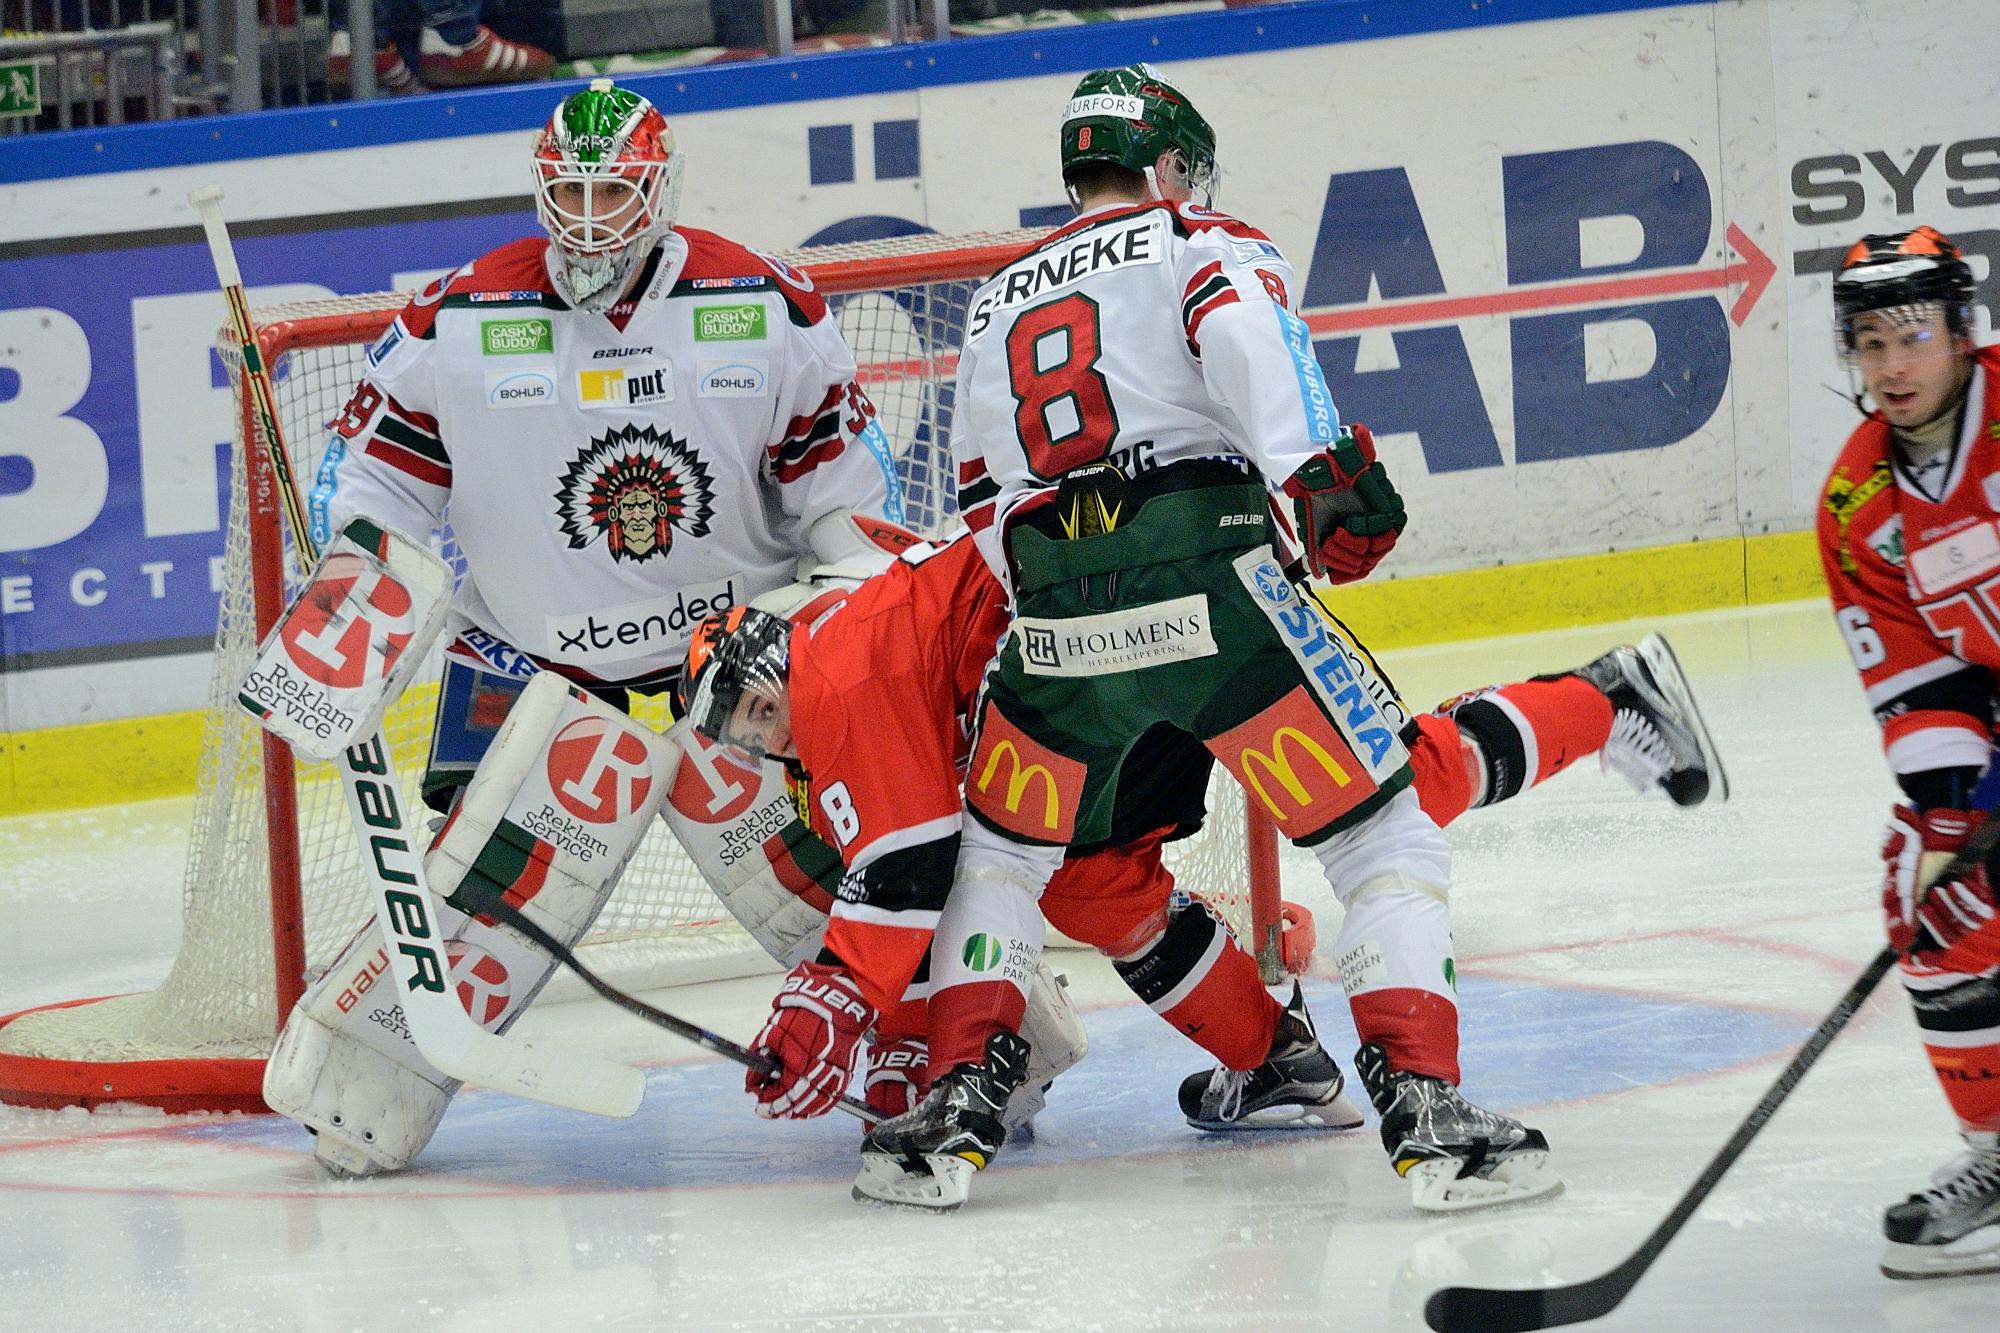 Örebro vs Frölunda